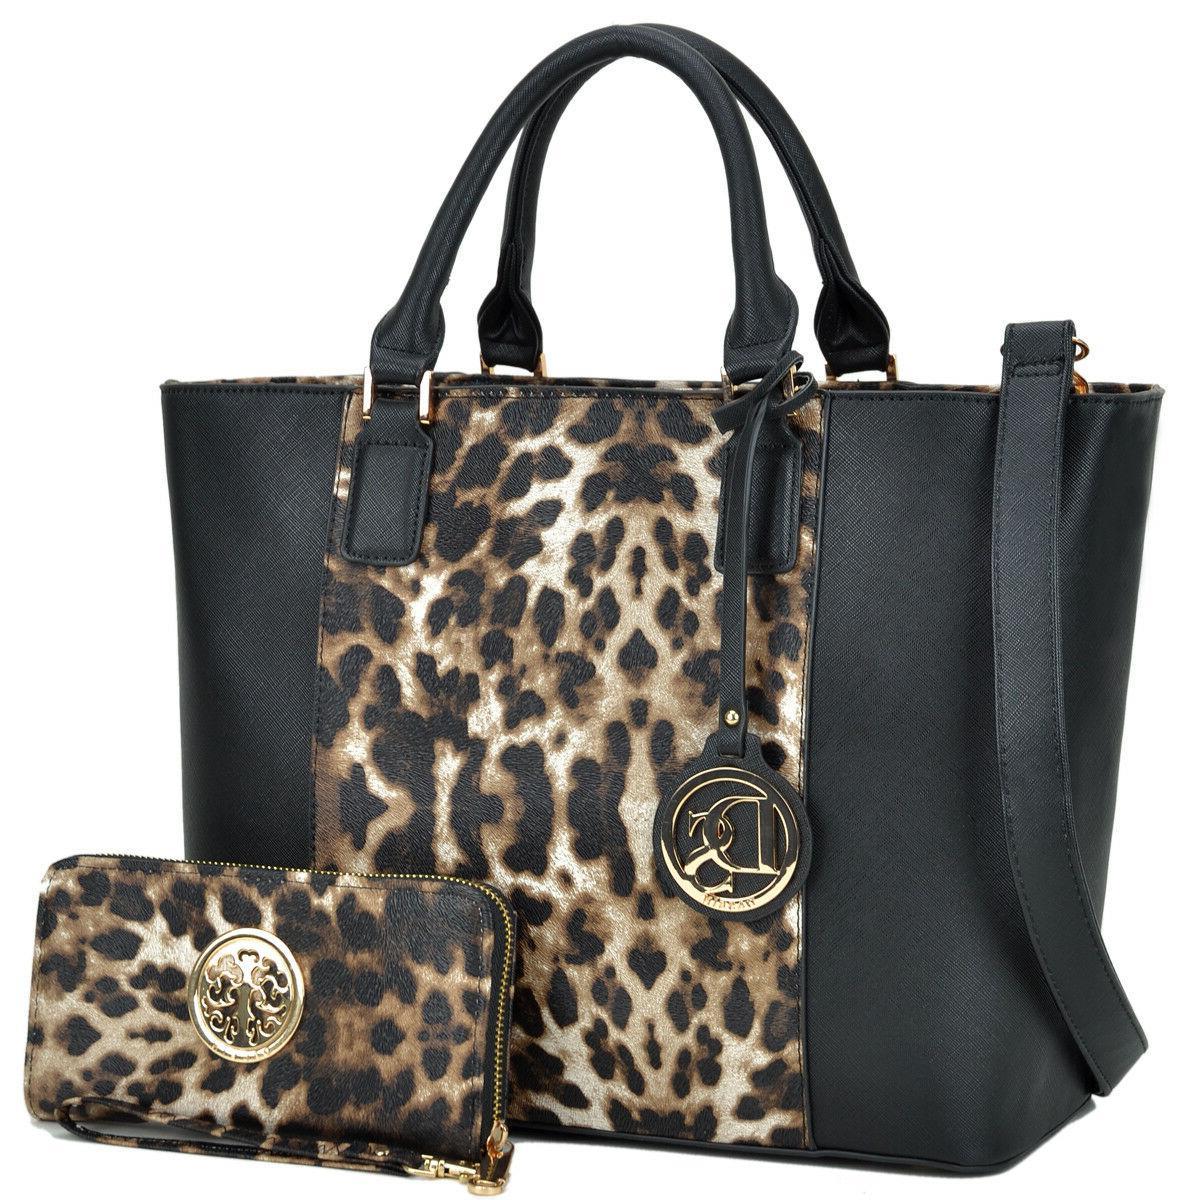 Dasein Womens Handbag Leather Tote Bag Satchel Shoulder Bag